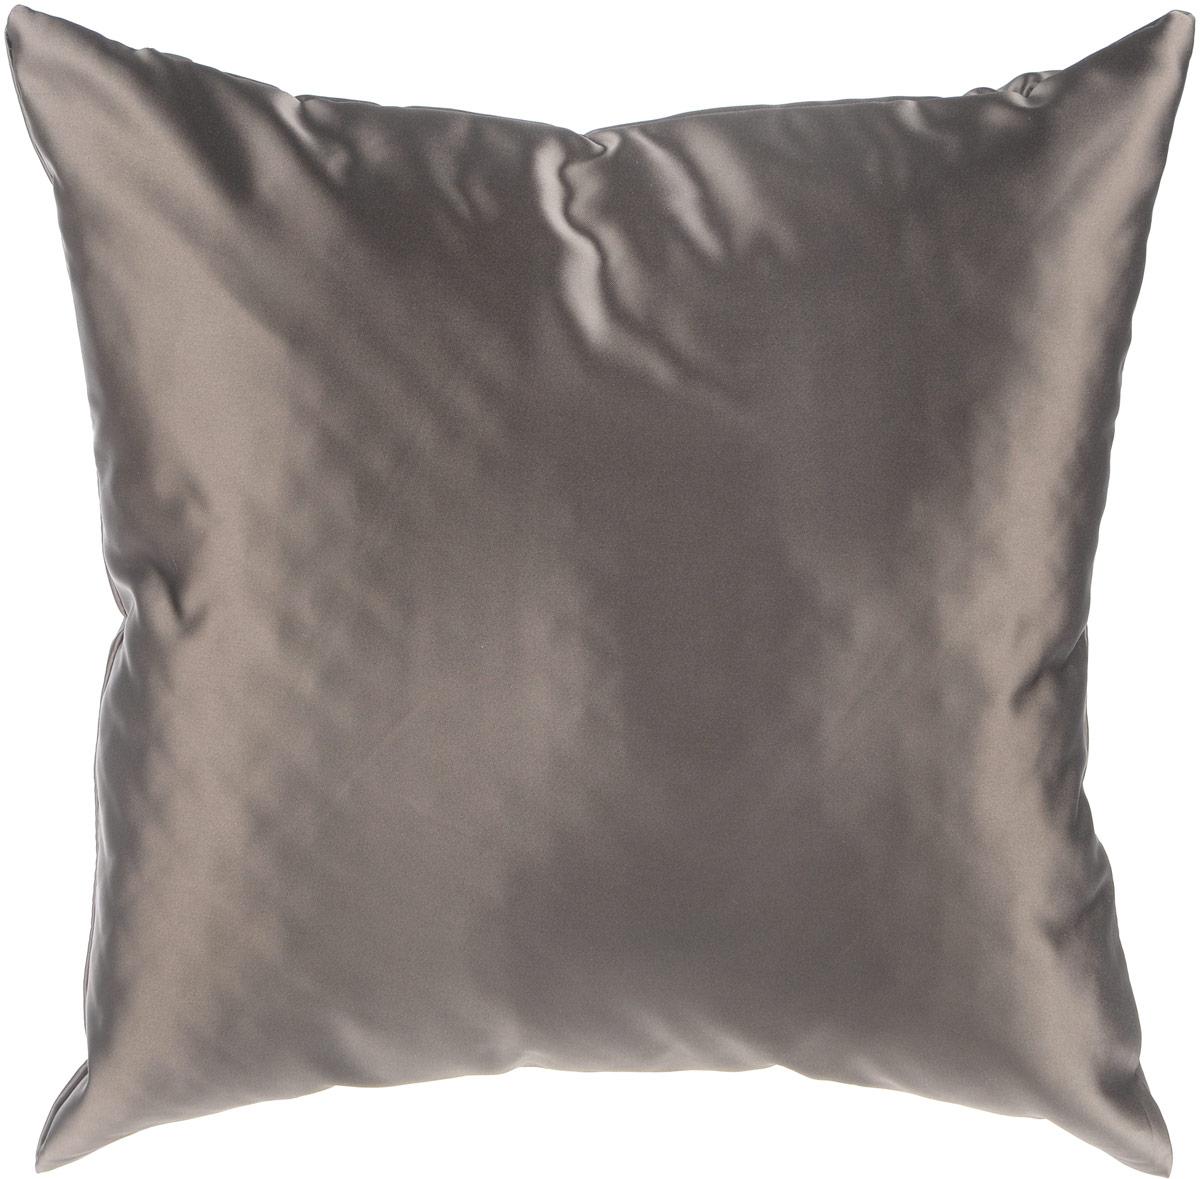 Подушка декоративная KauffOrt Крем, цвет: темно-серый, 40 x 40 см3121300669Декоративная подушка Ночь прекрасно дополнит интерьер спальни или гостиной. Чехол подушки выполнен из прочного полиэстера. Внутри находится мягкий наполнитель. Чехол легко снимается благодаря потайной молнии.Красивая подушка создаст атмосферу уюта и комфорта в спальне и станет прекрасным элементом декора.